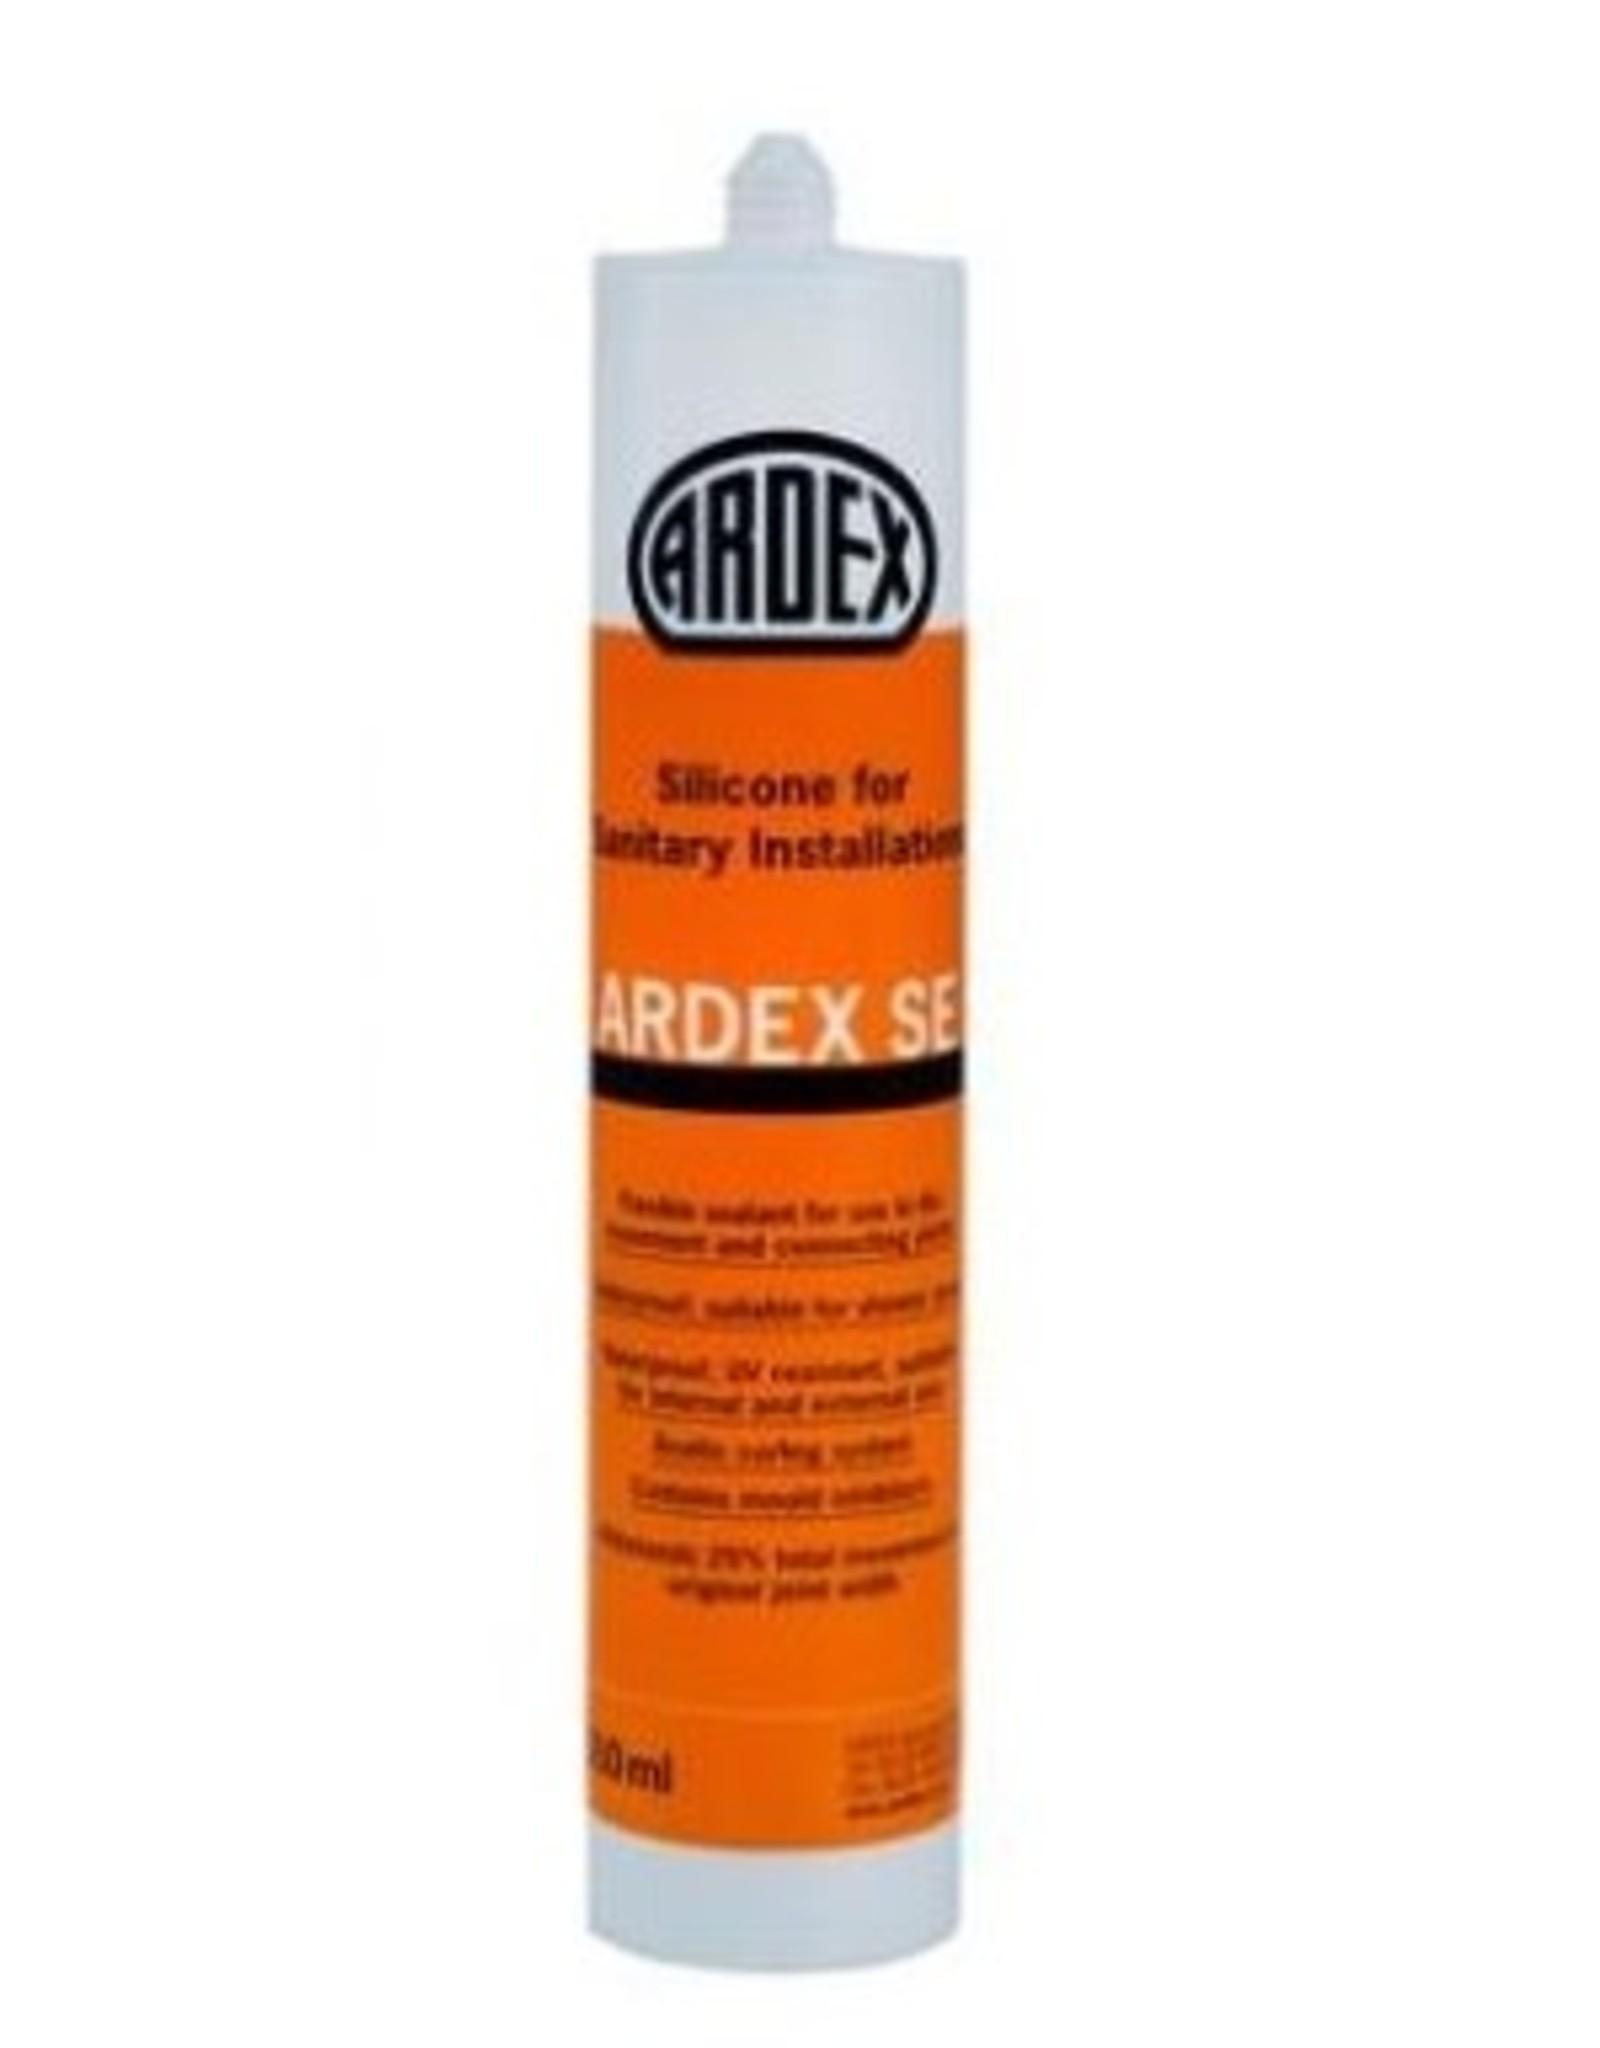 Ardex ARDEX SE Todd River sand 310mL Silicone